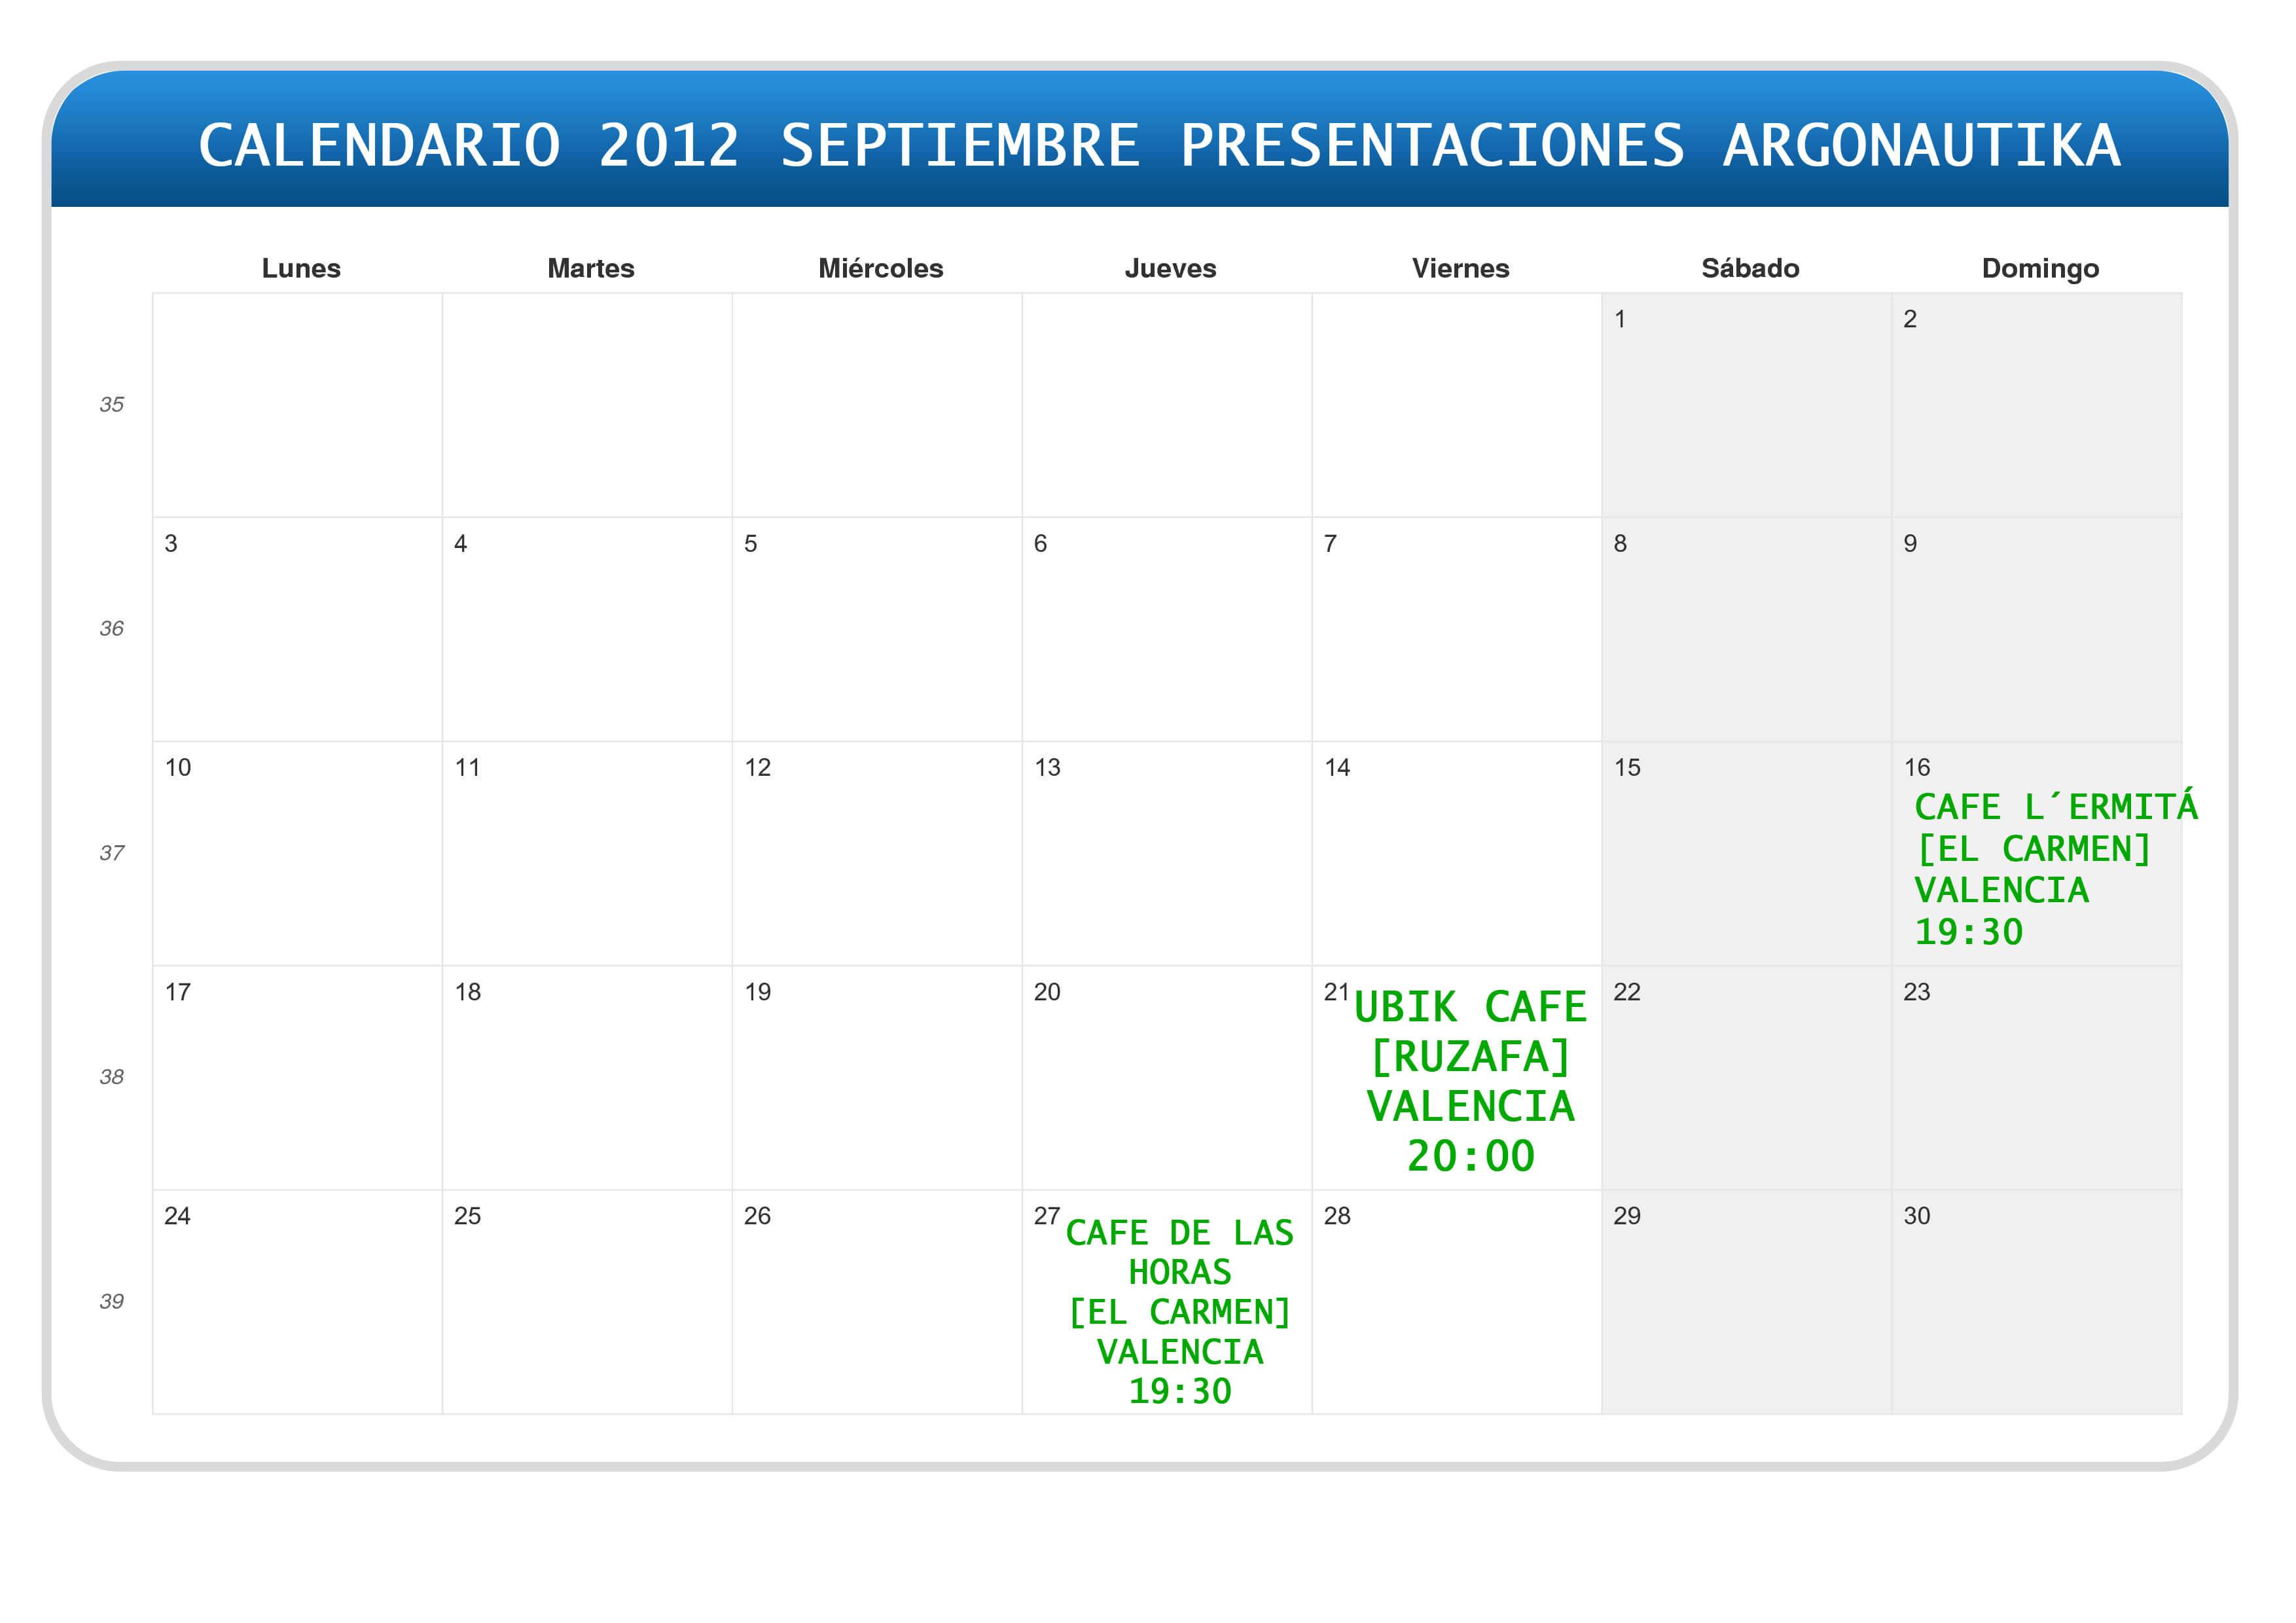 CALENDARIO PRESENTACIONES ARGONAUTIKA CALENDARIO PRESENTACIONES ARGONAUTIKA ARGONAUTIKA PRESENTACIONES SEPTIEMBRE 2012